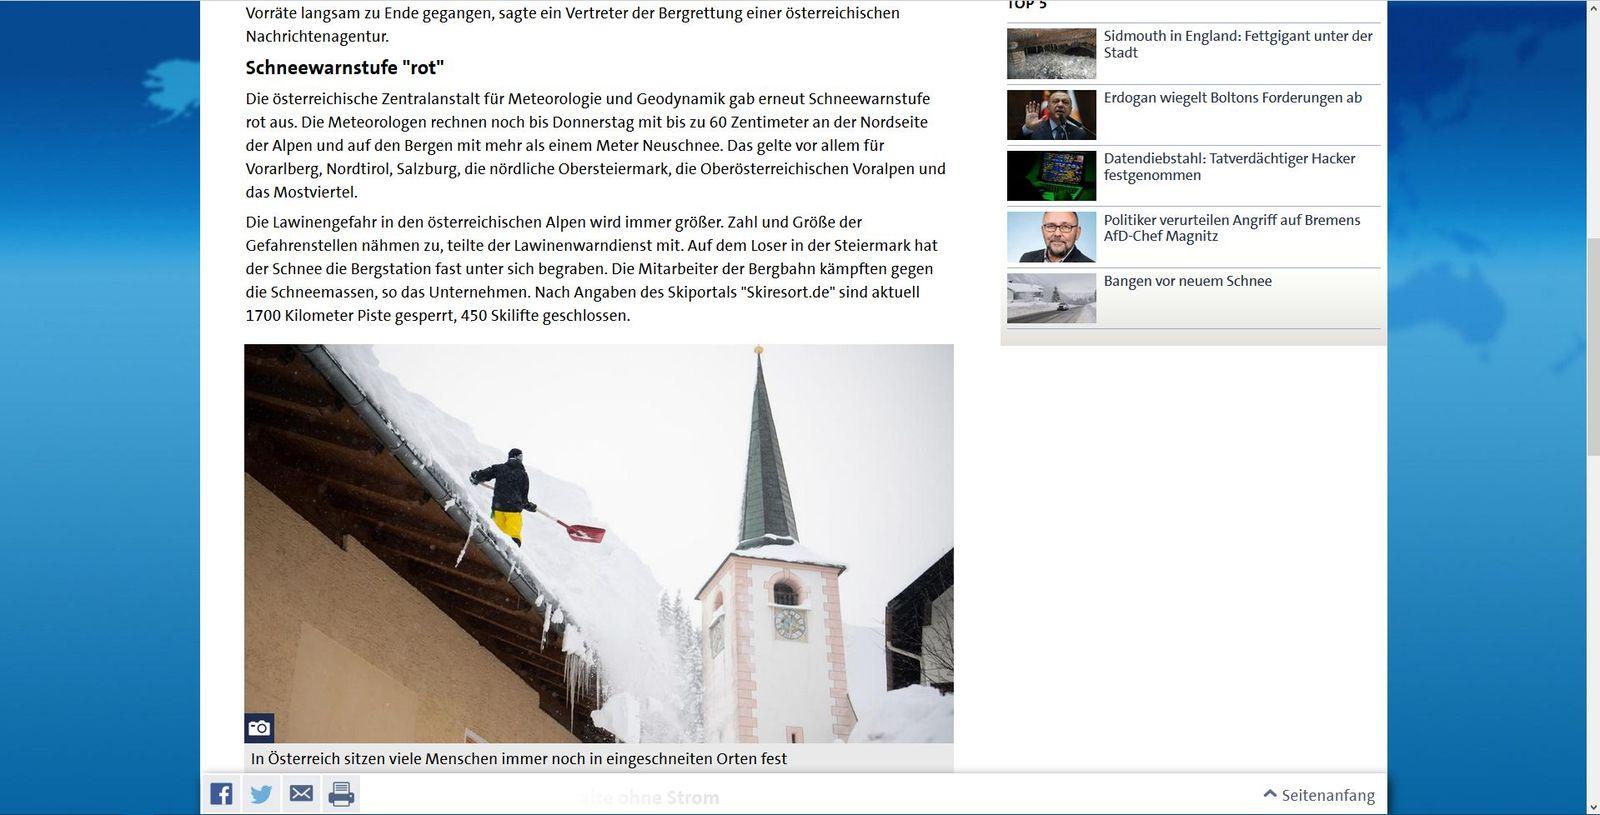 Firefox: Schneewarnstufe Rot in Österreich - Tagesschau.de (2)